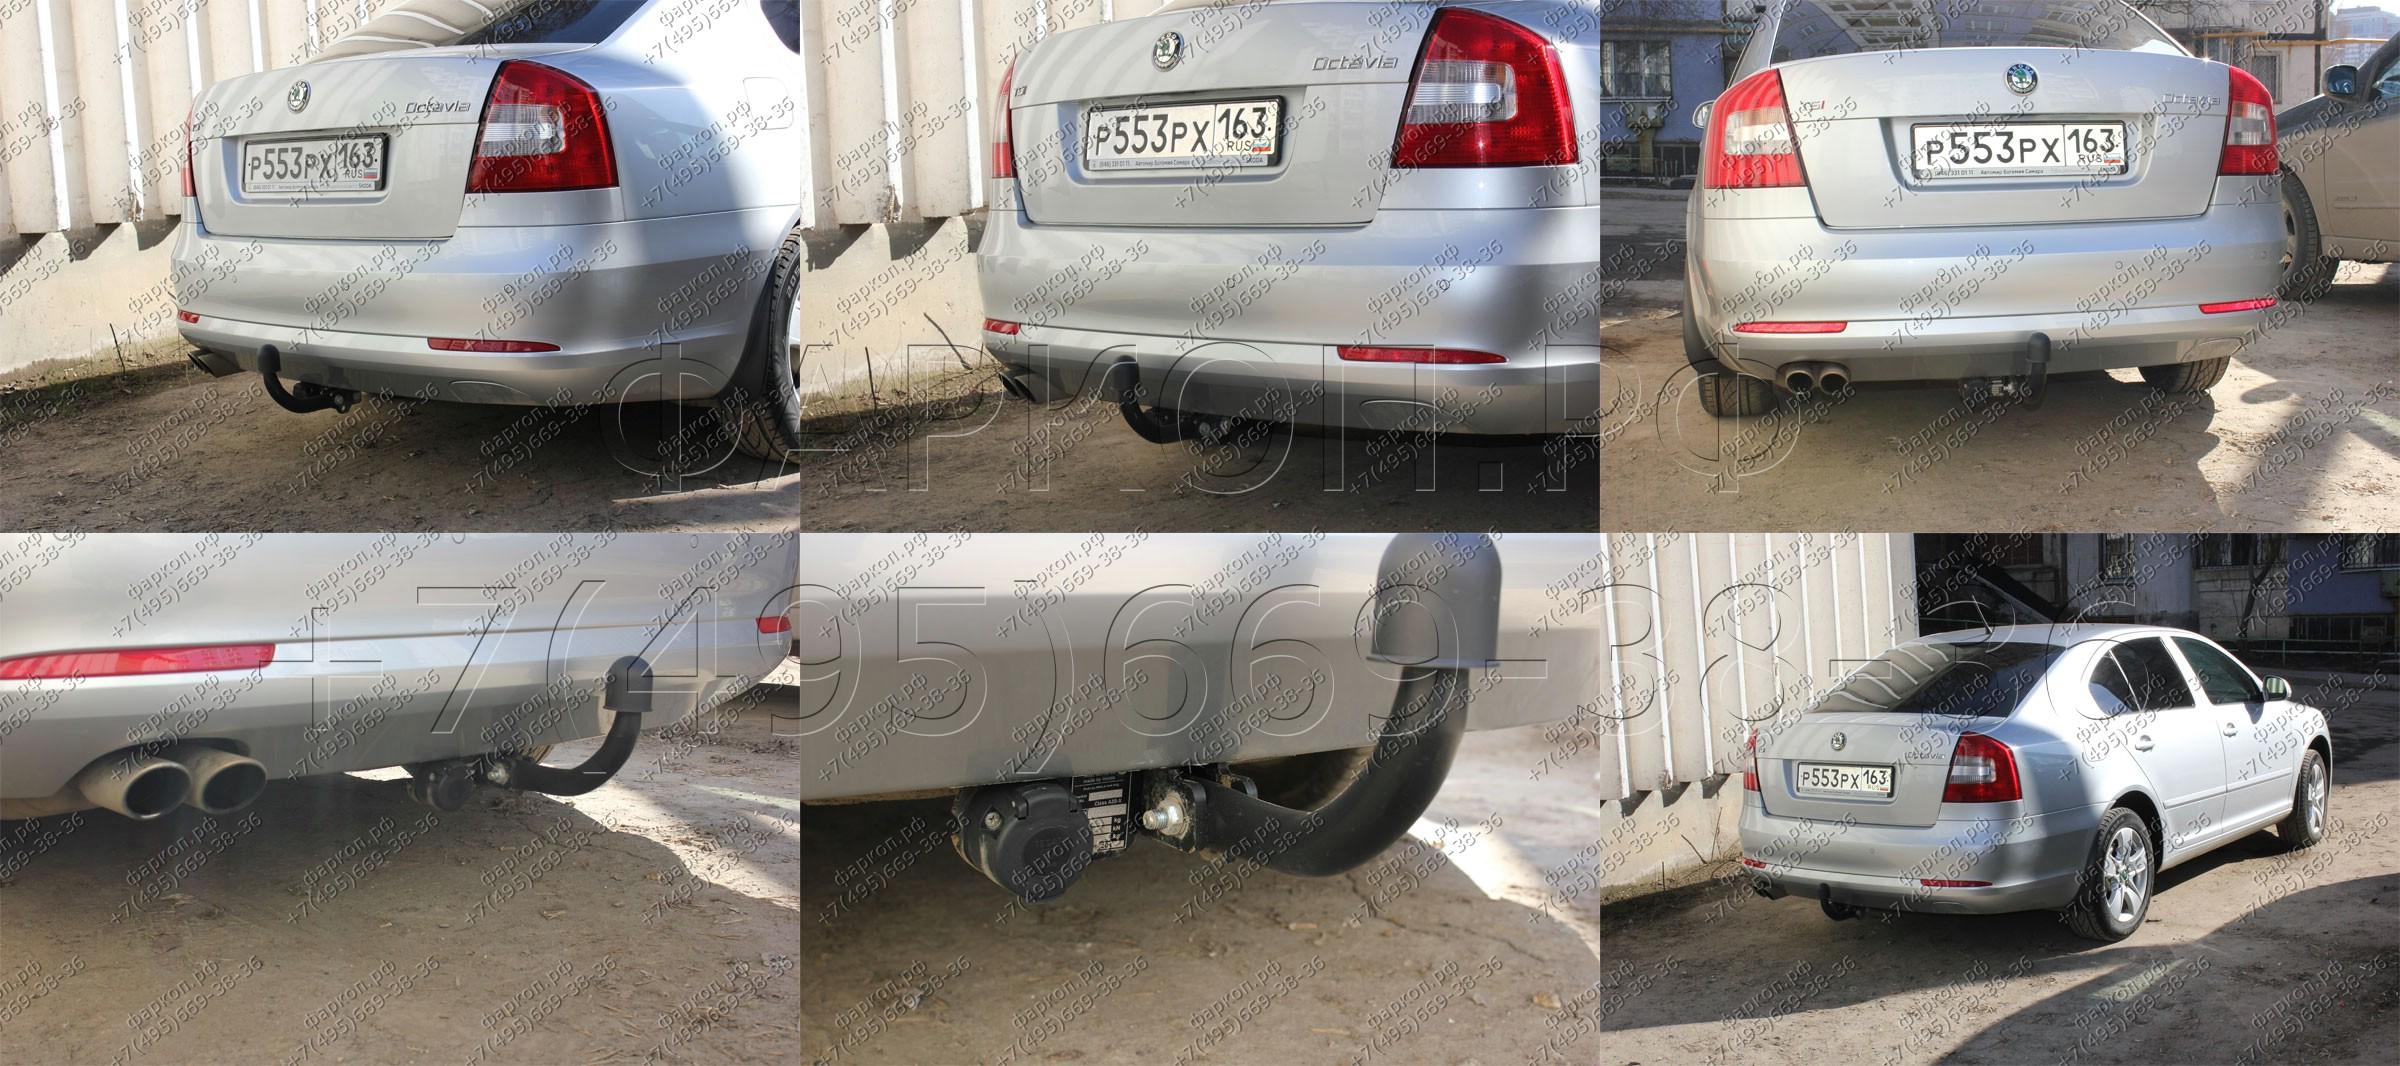 2 - Установка фapкoпов на аавтомобили, примеры работ с 39